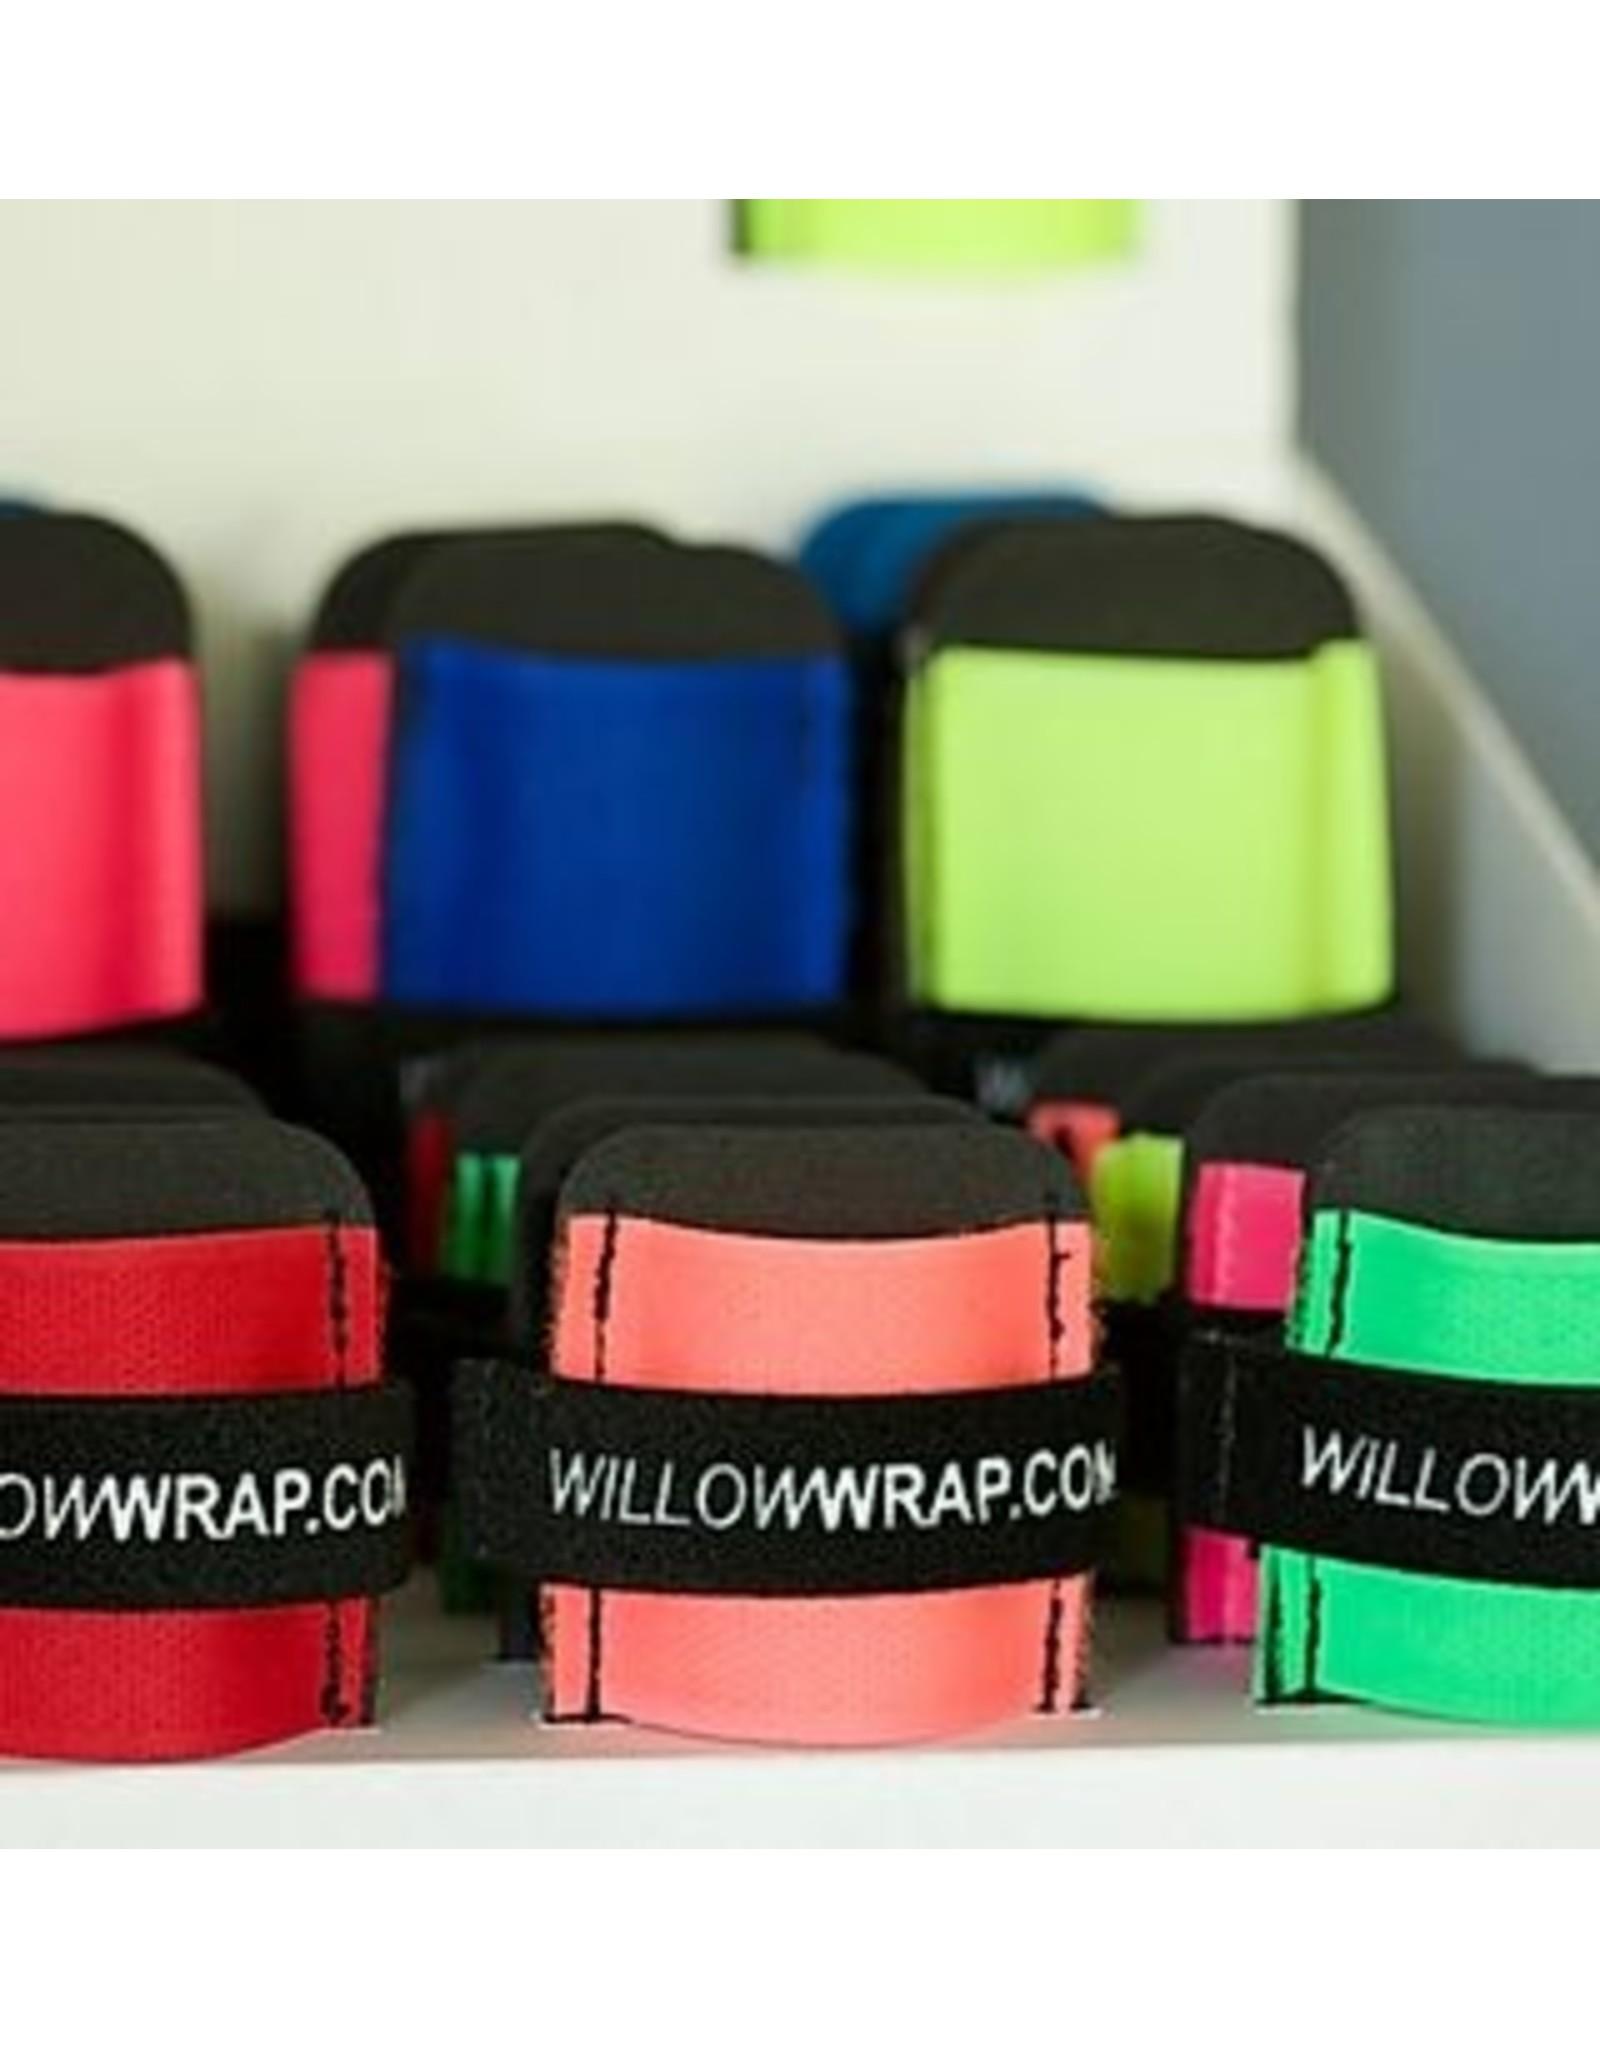 Willow Wrap Ski Ties